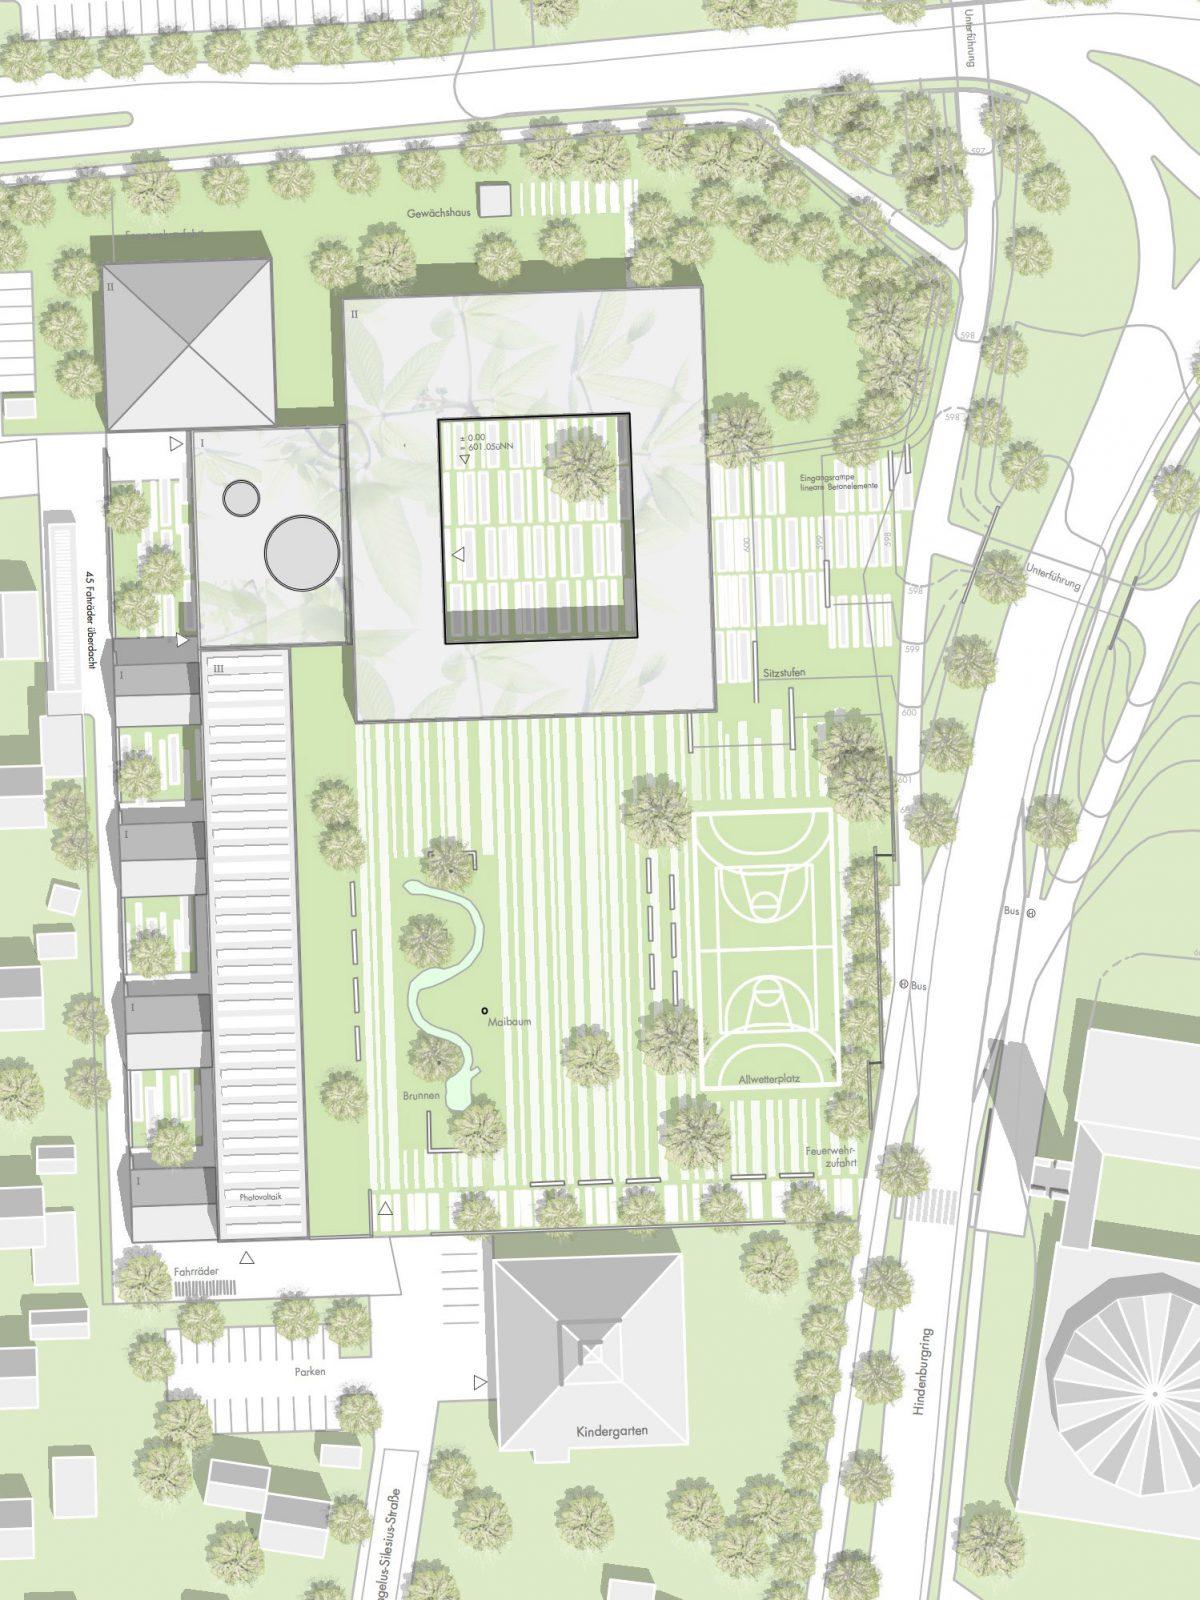 Lageplan-Wettbewerb-Fritz-Beck-Mittelschule_Landsberg-am-Lech-Anerkennung-2013-© Friedrich-Poerschke-Zwink-Architekten